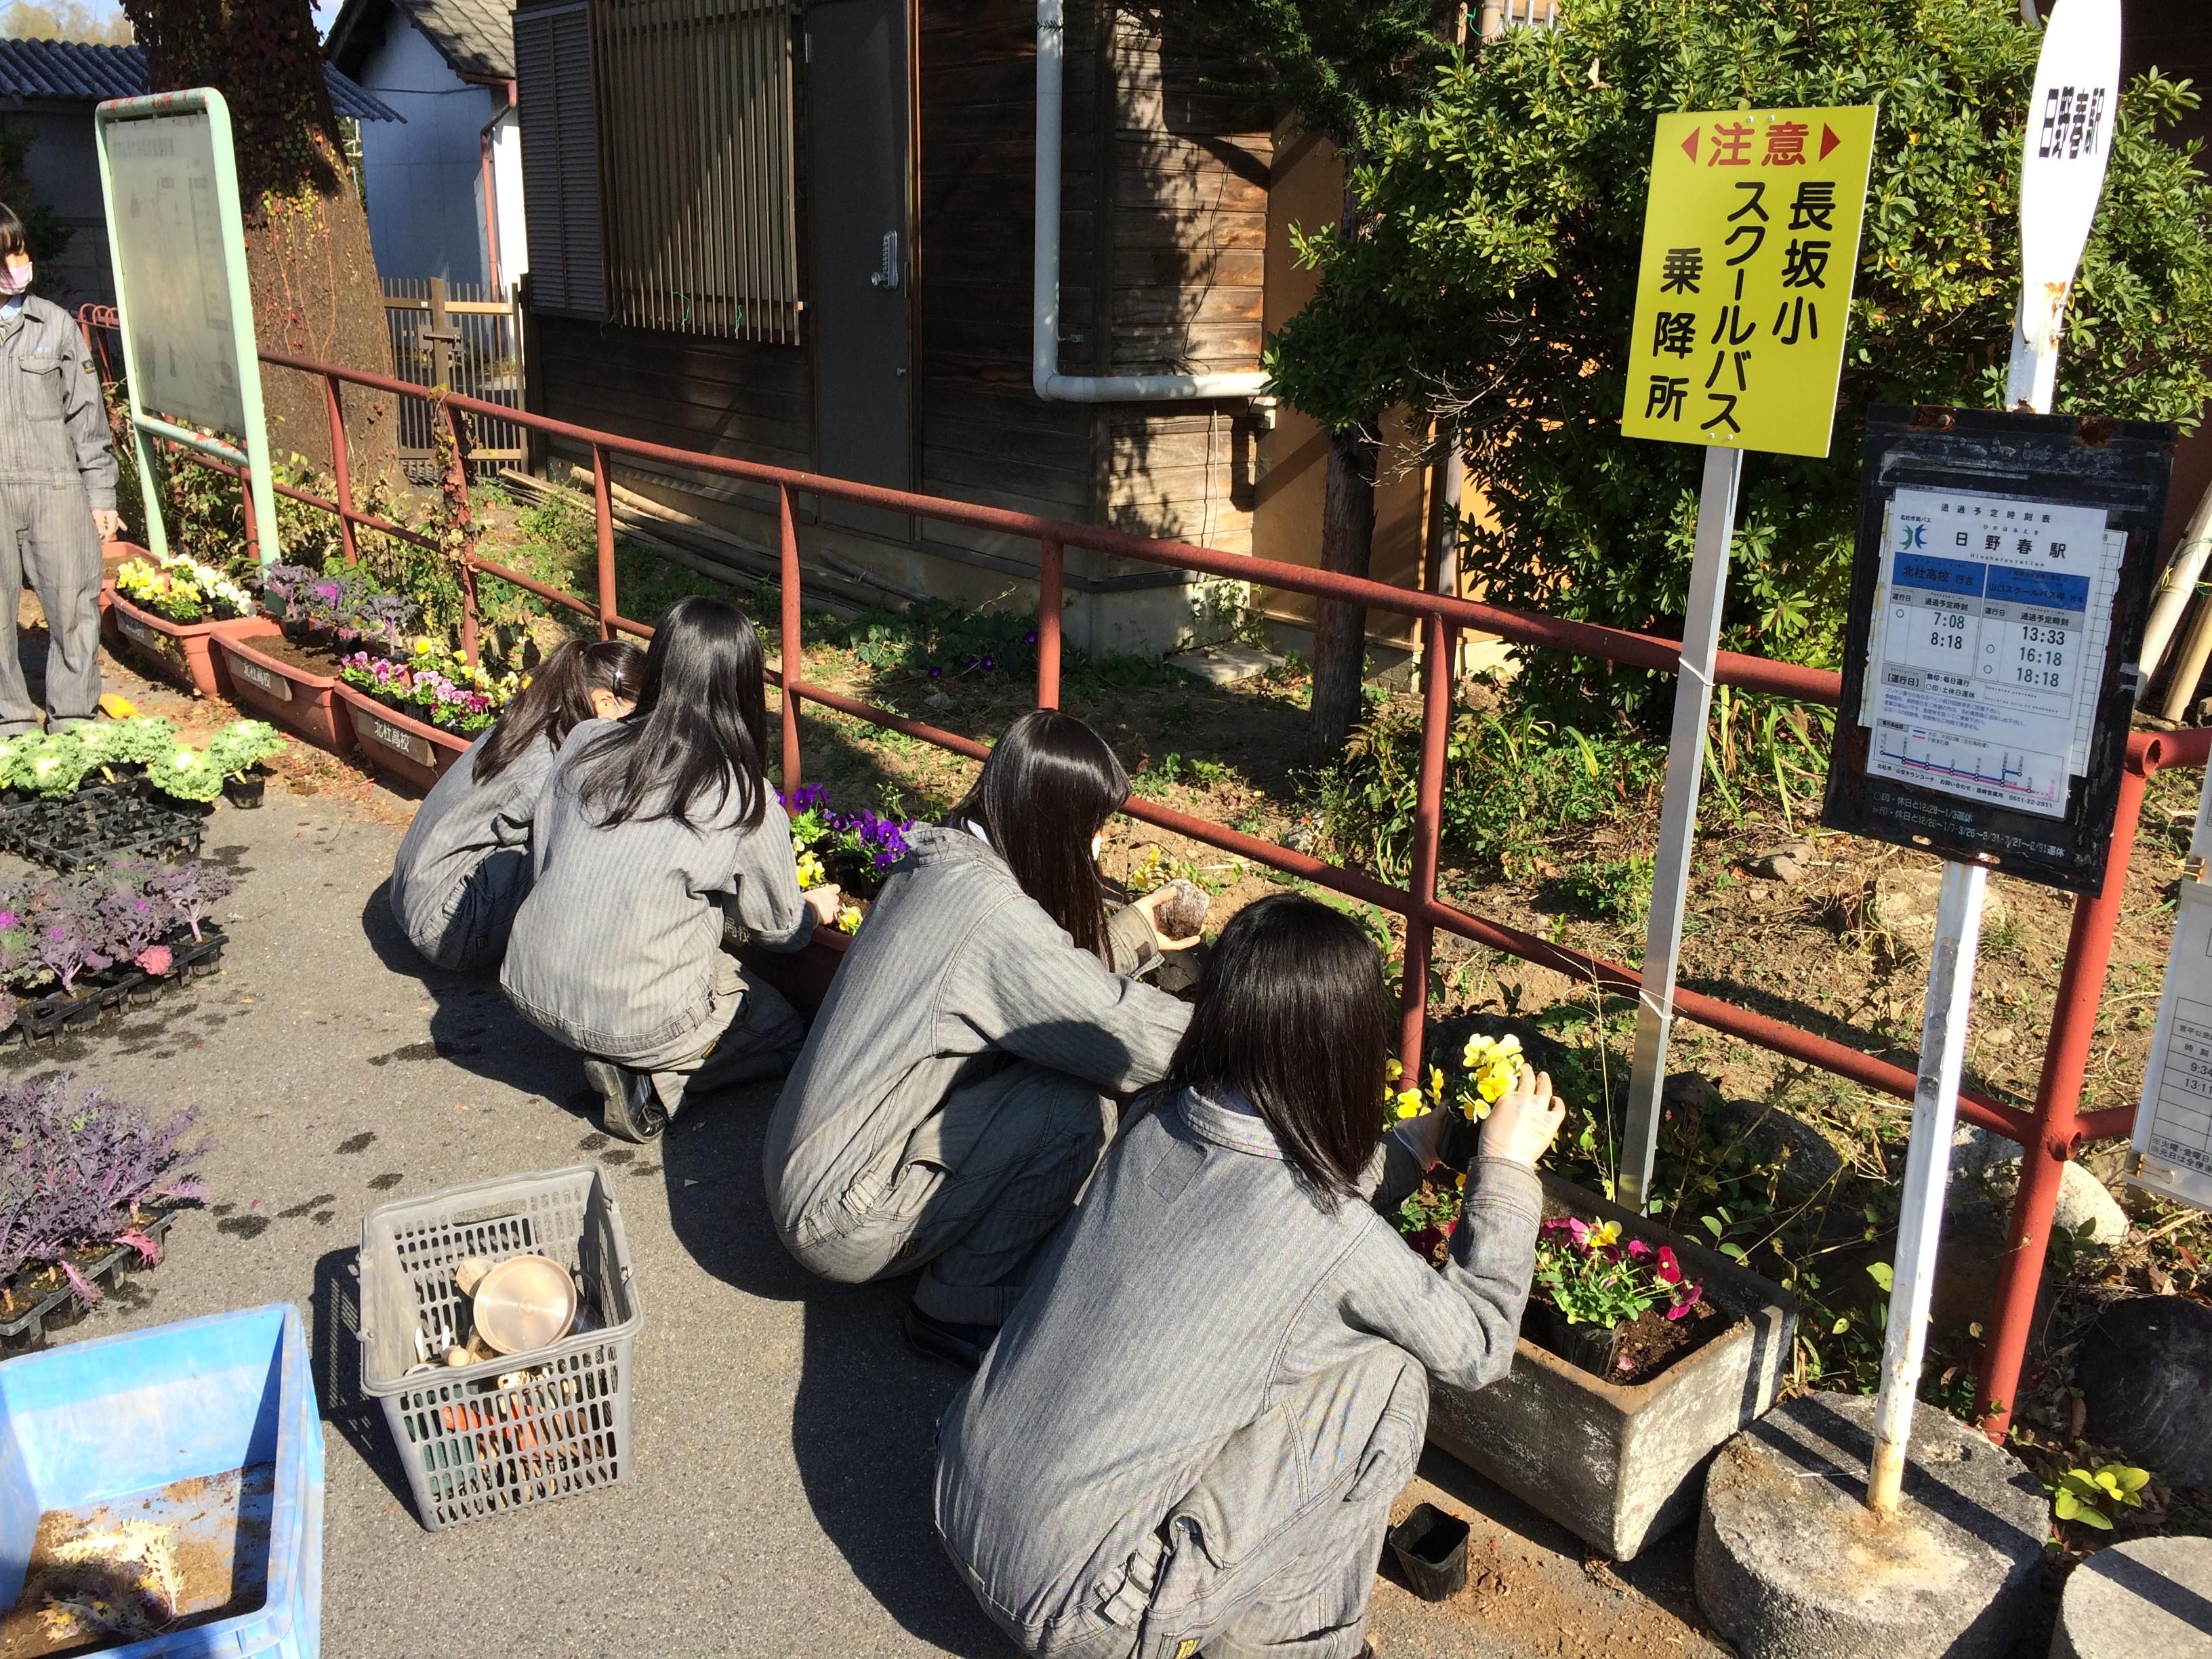 http://www.yamanashi-kankou.jp/blog/%E9%A3%BE%E8%8A%B1%E6%B4%BB%E5%8B%95%EF%BC%91.JPG